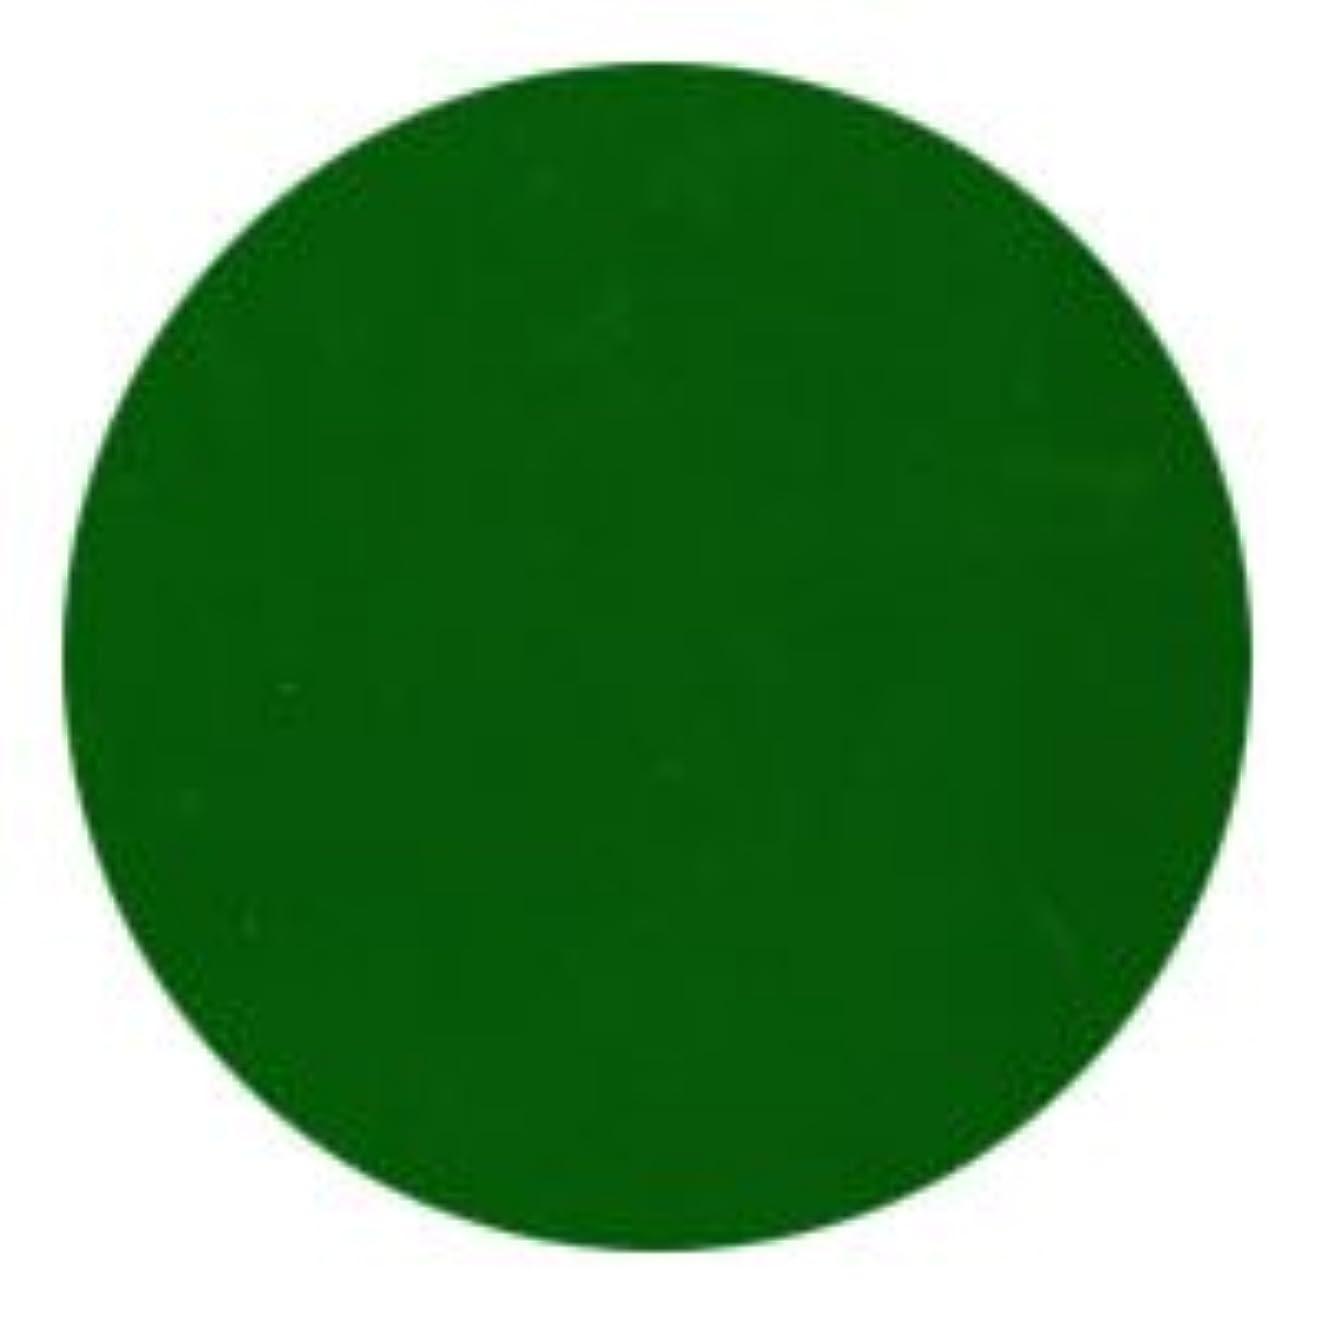 グレートバリアリーフ威する火傷★NFS MELTY GEL(メルティージェル) カラージェル 3g  3753 リーフグリーン